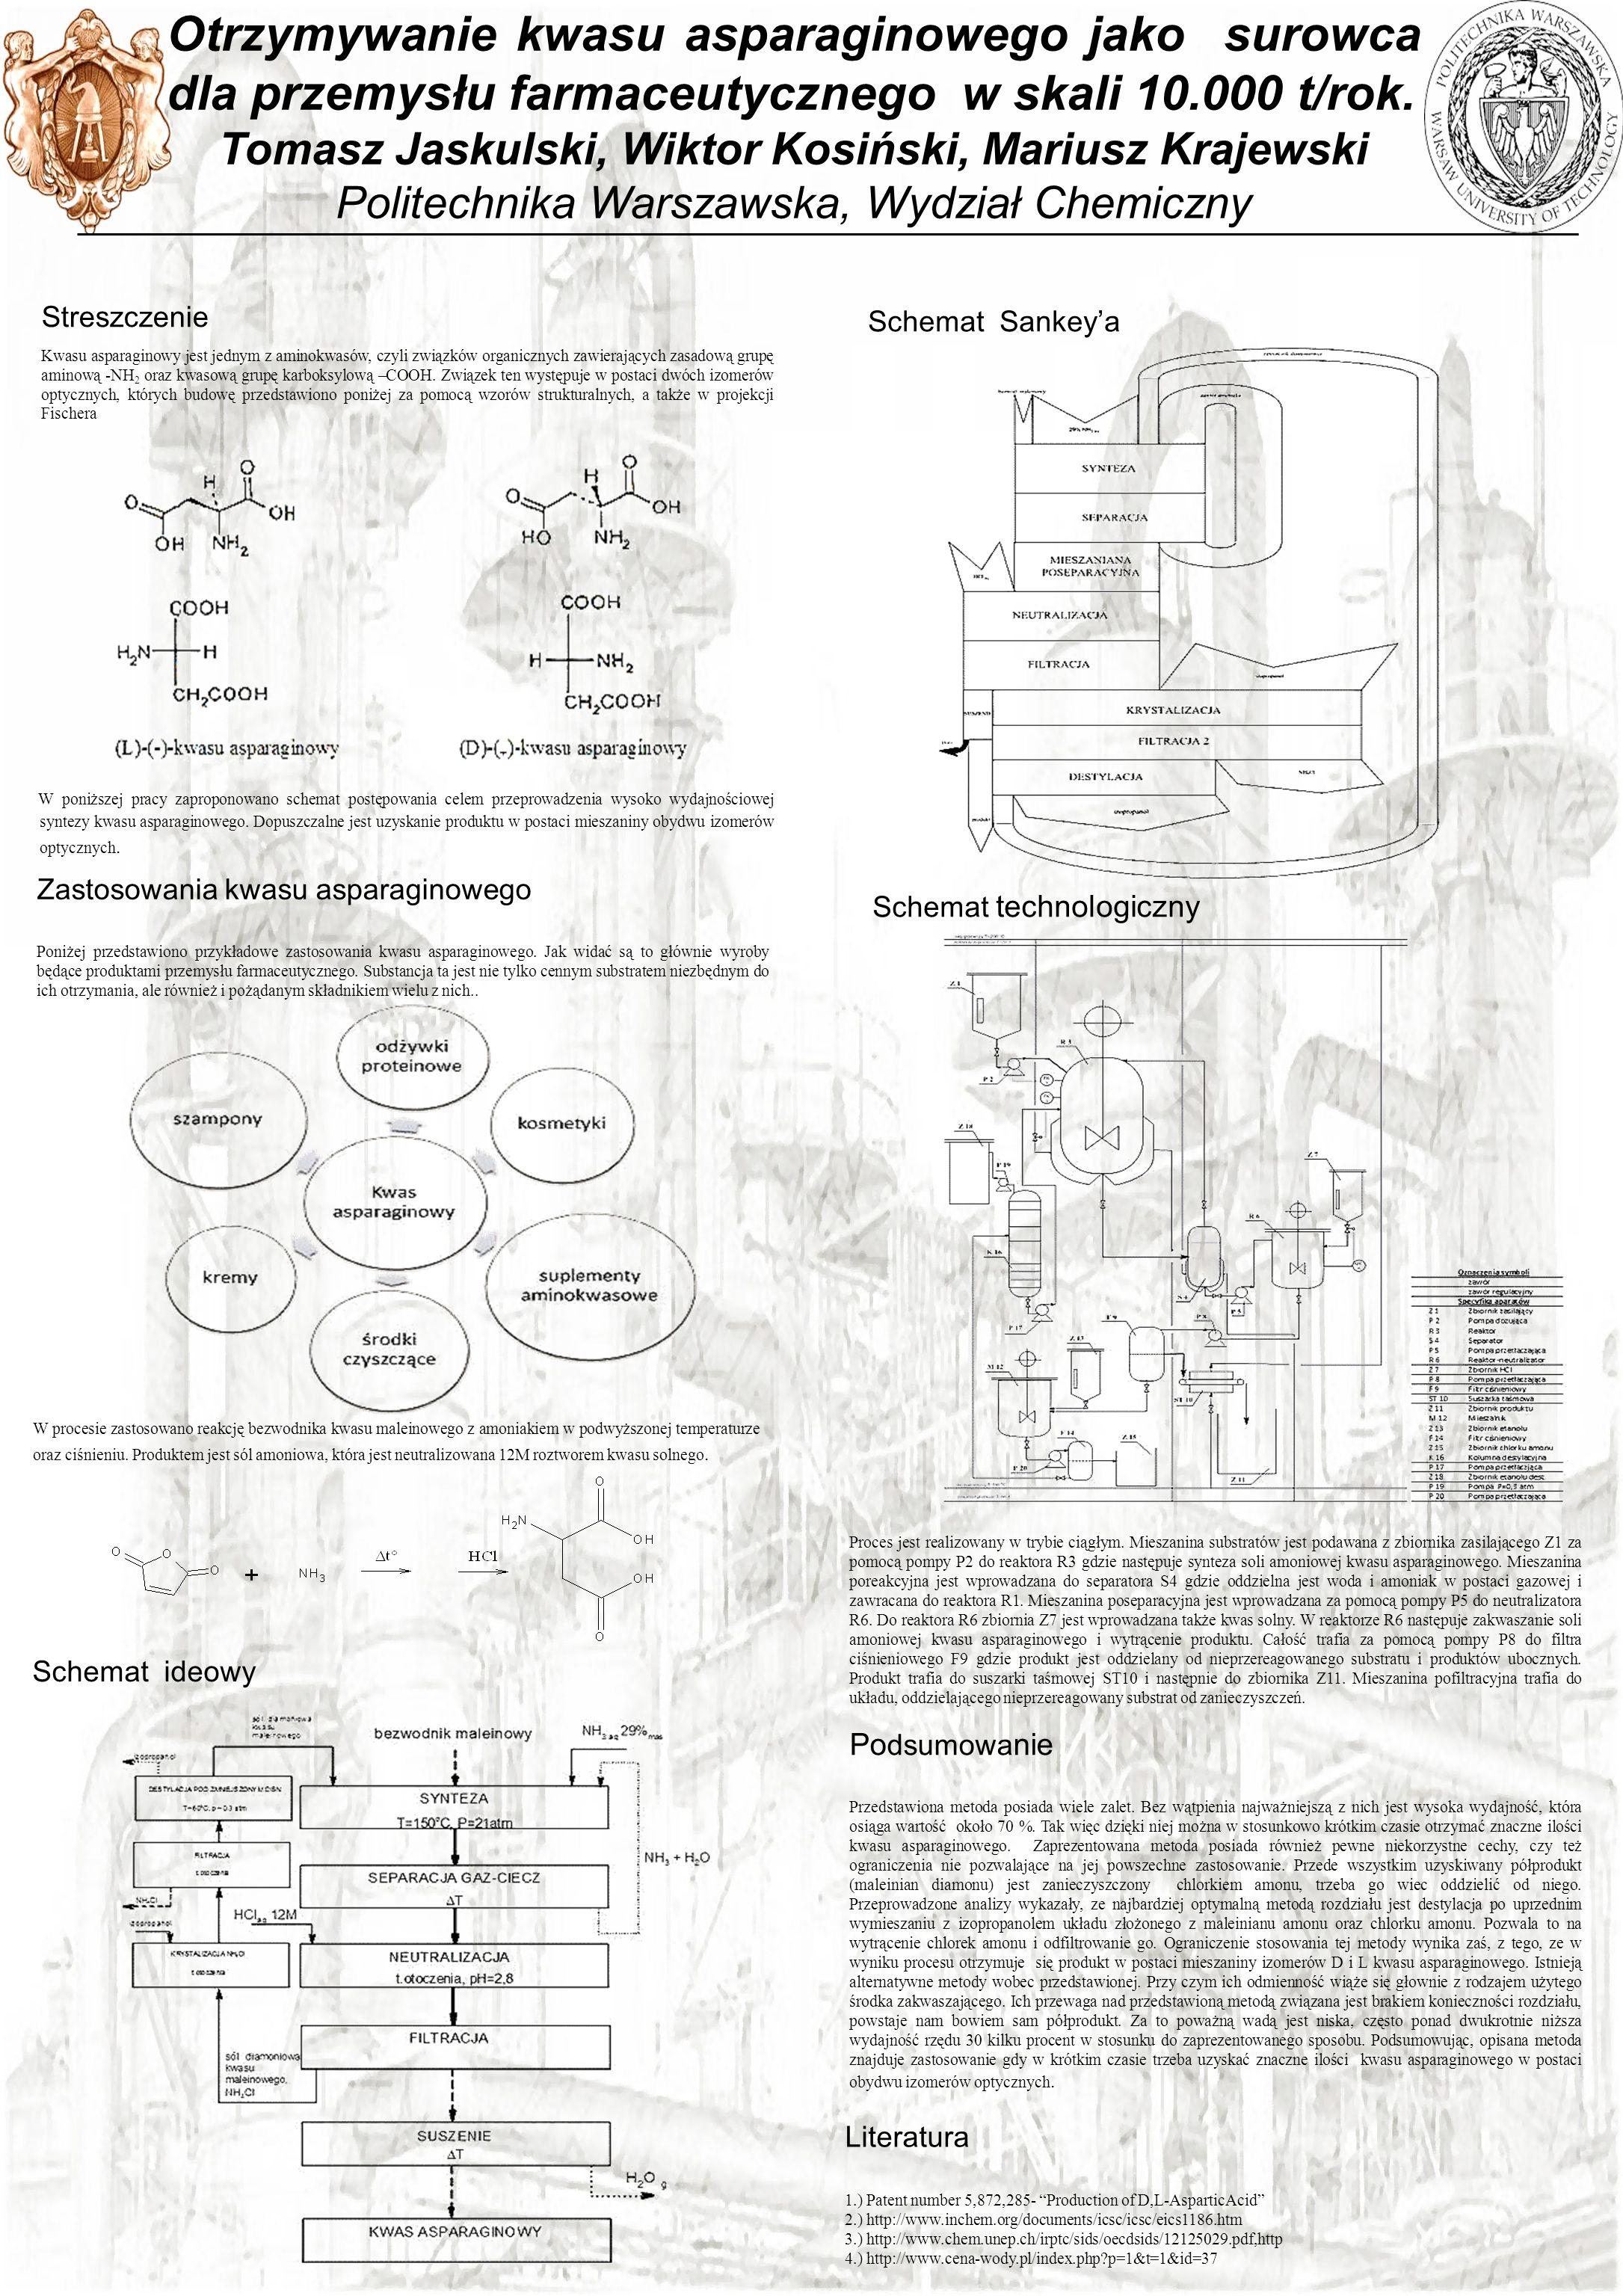 Otrzymywanie kwasu asparaginowego jako surowca dla przemysłu farmaceutycznego w skali 10.000 t/rok.